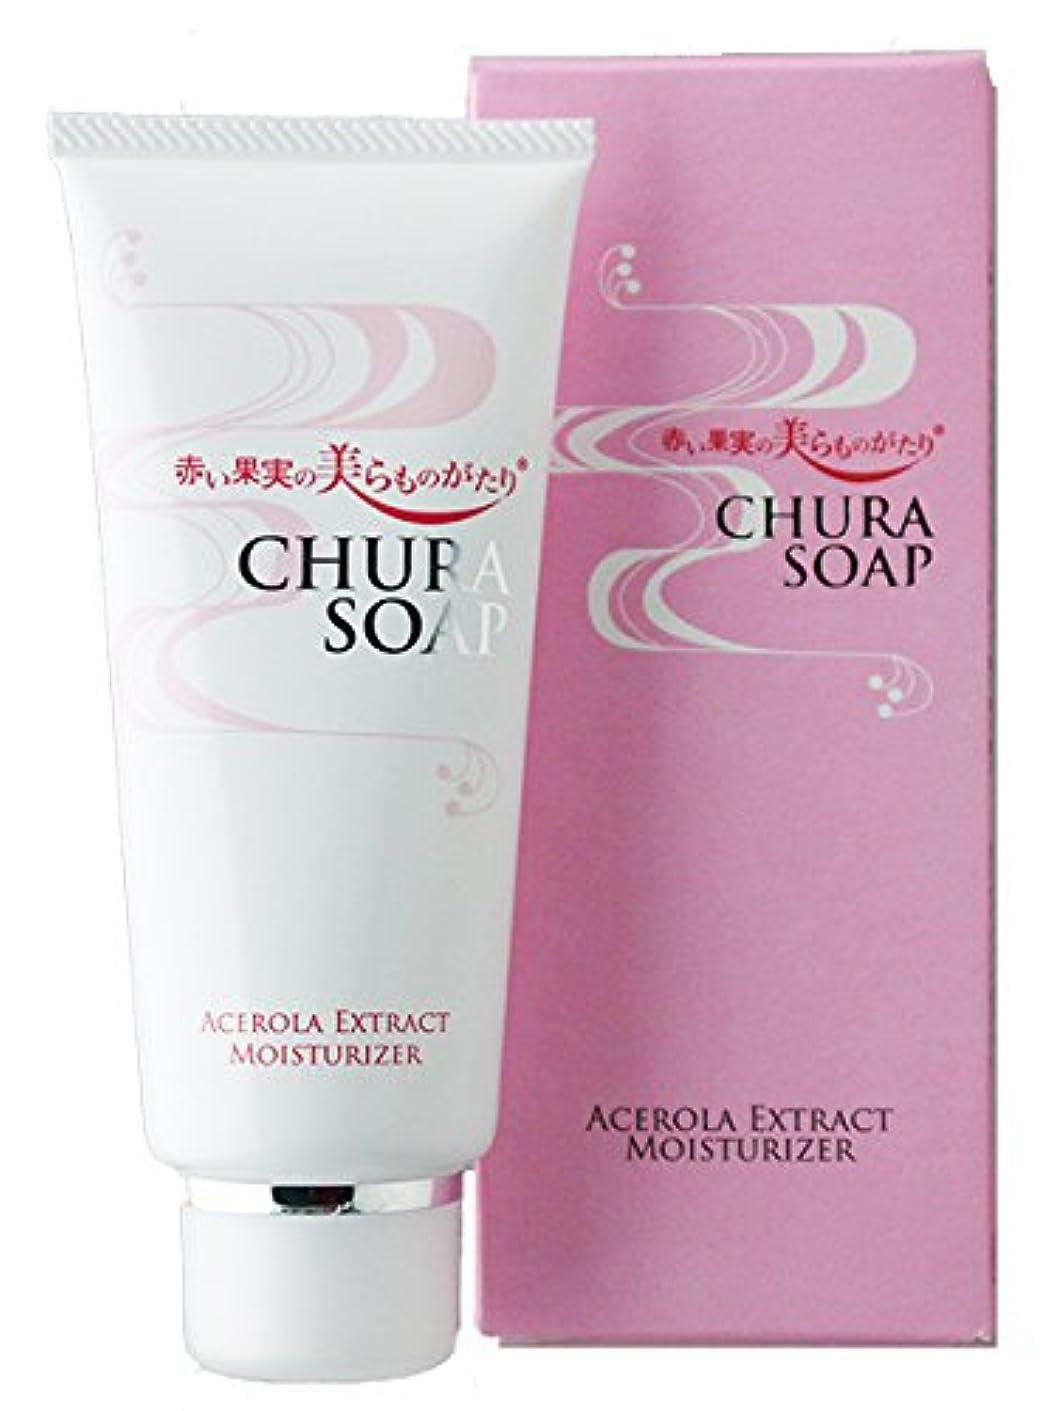 手段動創始者赤い果実の美らものがたり CHURA SOAP 100g×2個 やんばる彩葉 沖縄生まれのアセロラ自然派化粧品